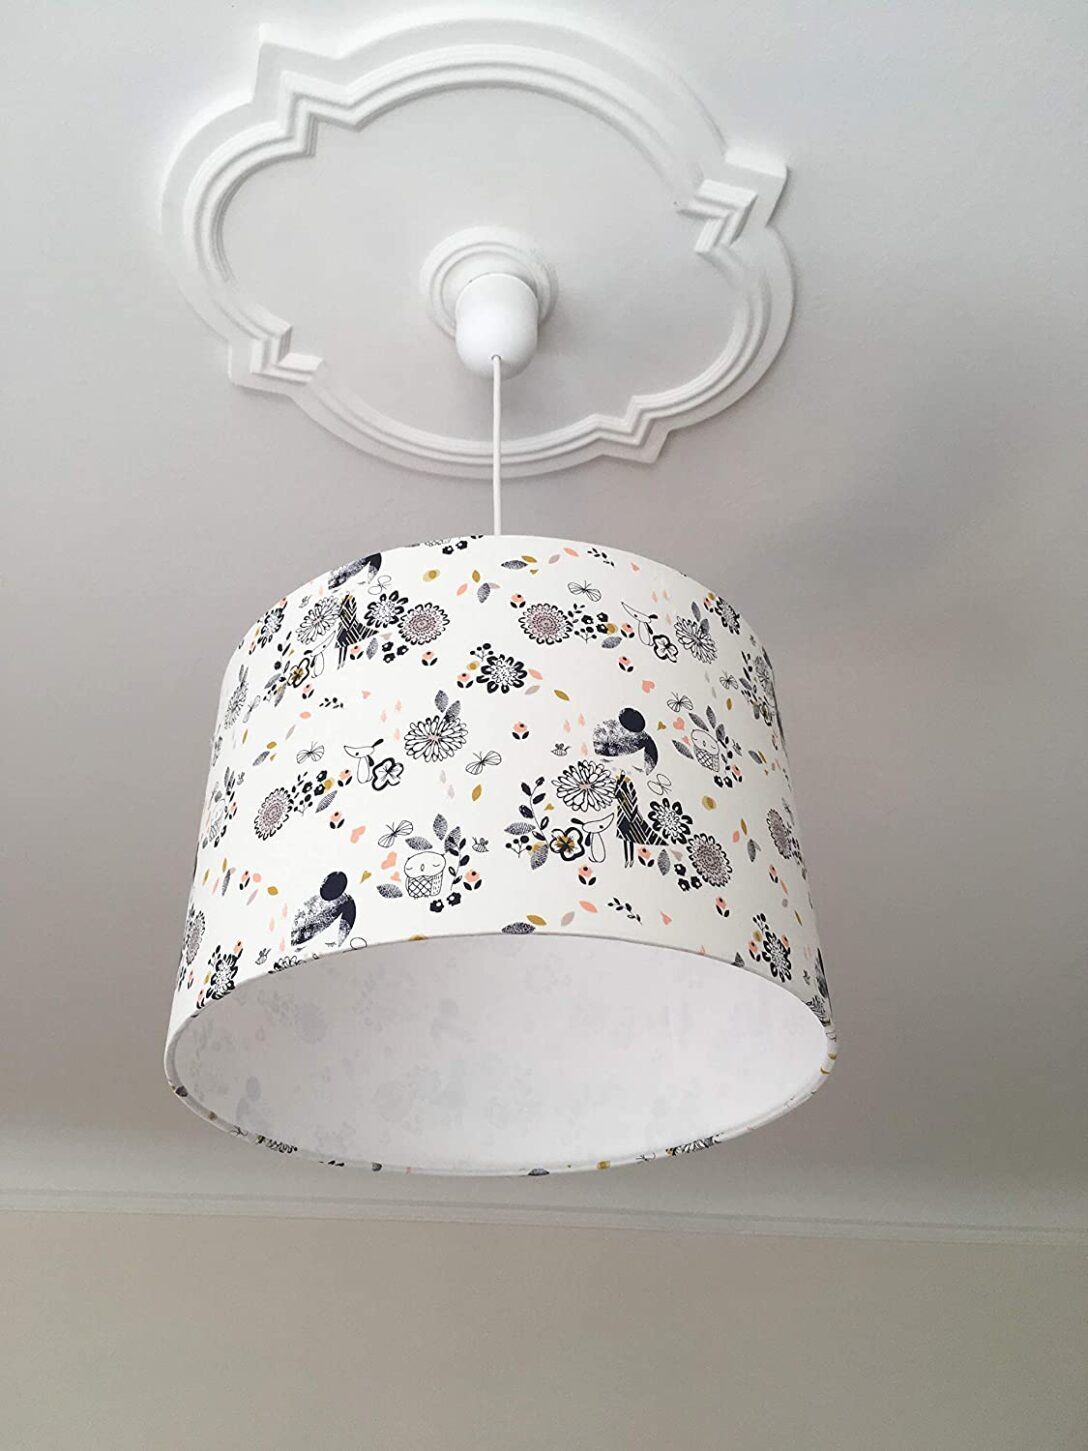 Large Size of Deckenlampen Kinderzimmer Deckenlampe Lampenschirm Wale Handmade Wohnzimmer Für Regal Weiß Modern Sofa Regale Kinderzimmer Deckenlampen Kinderzimmer